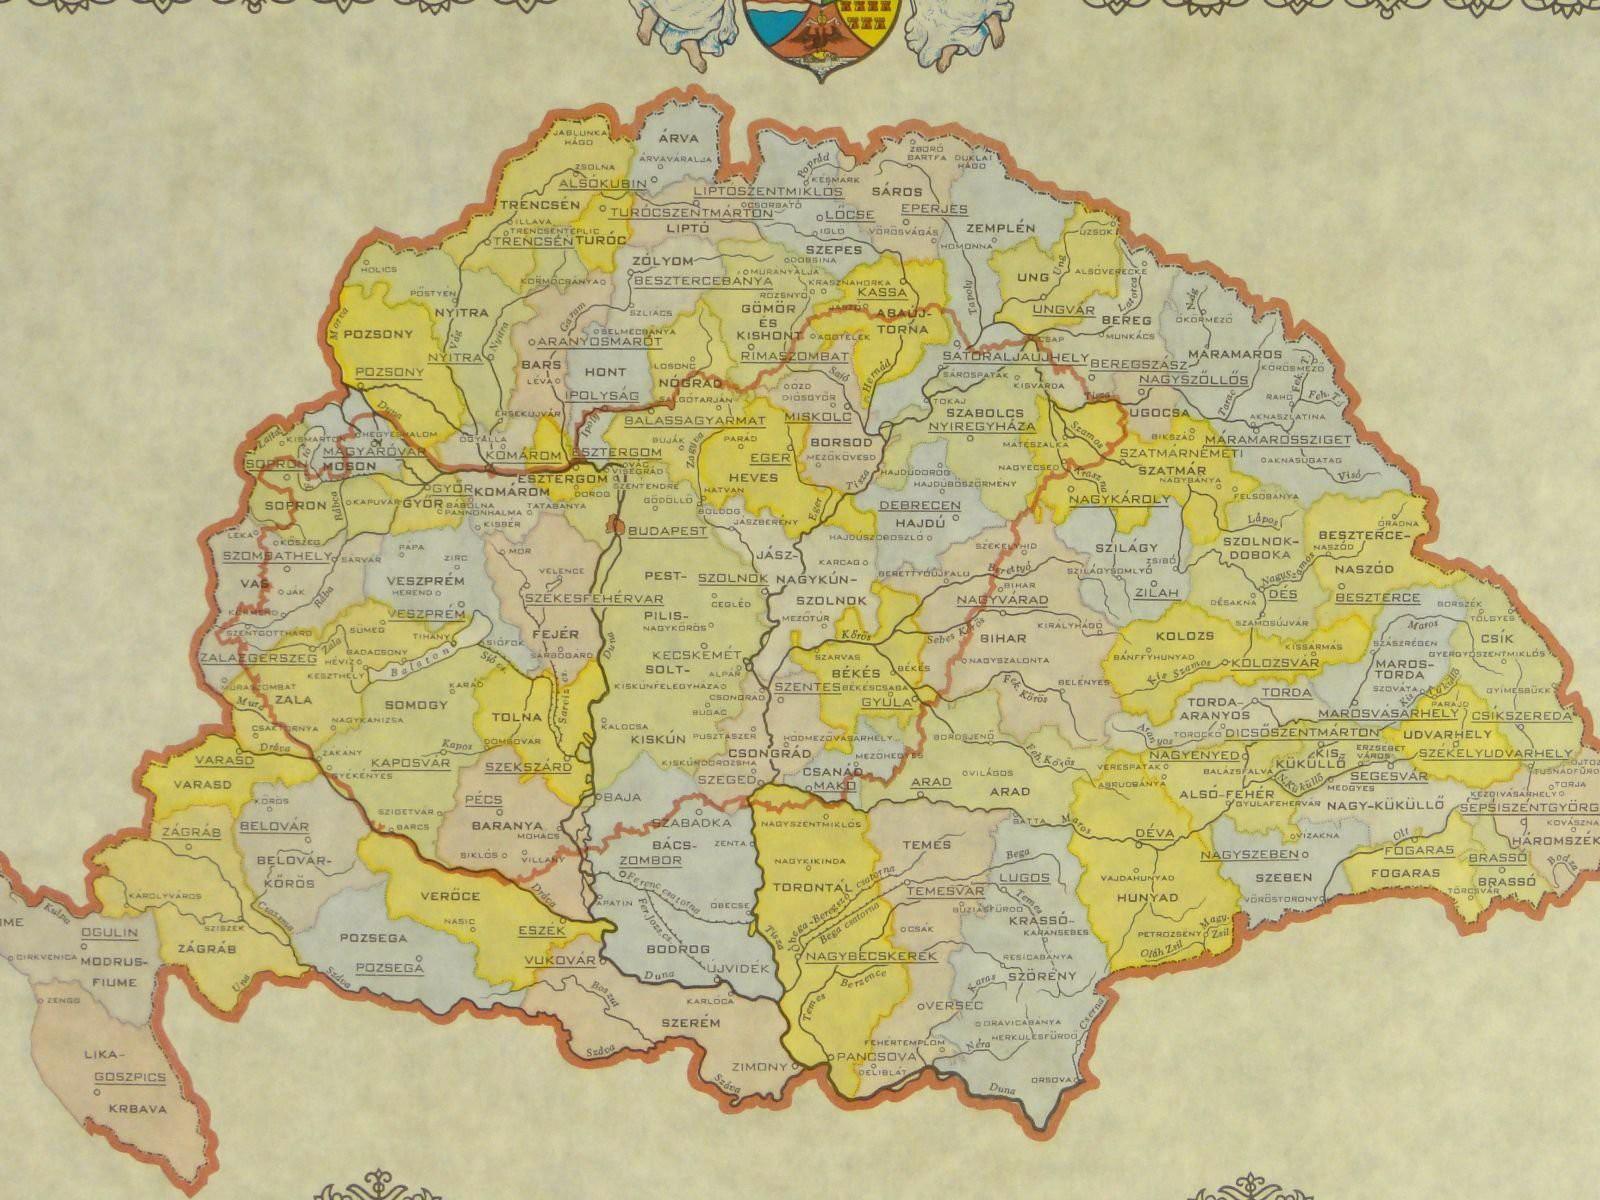 magyarország nagy térkép nagy magyarország – MINDEN SZÓ.hu magyarország nagy térkép